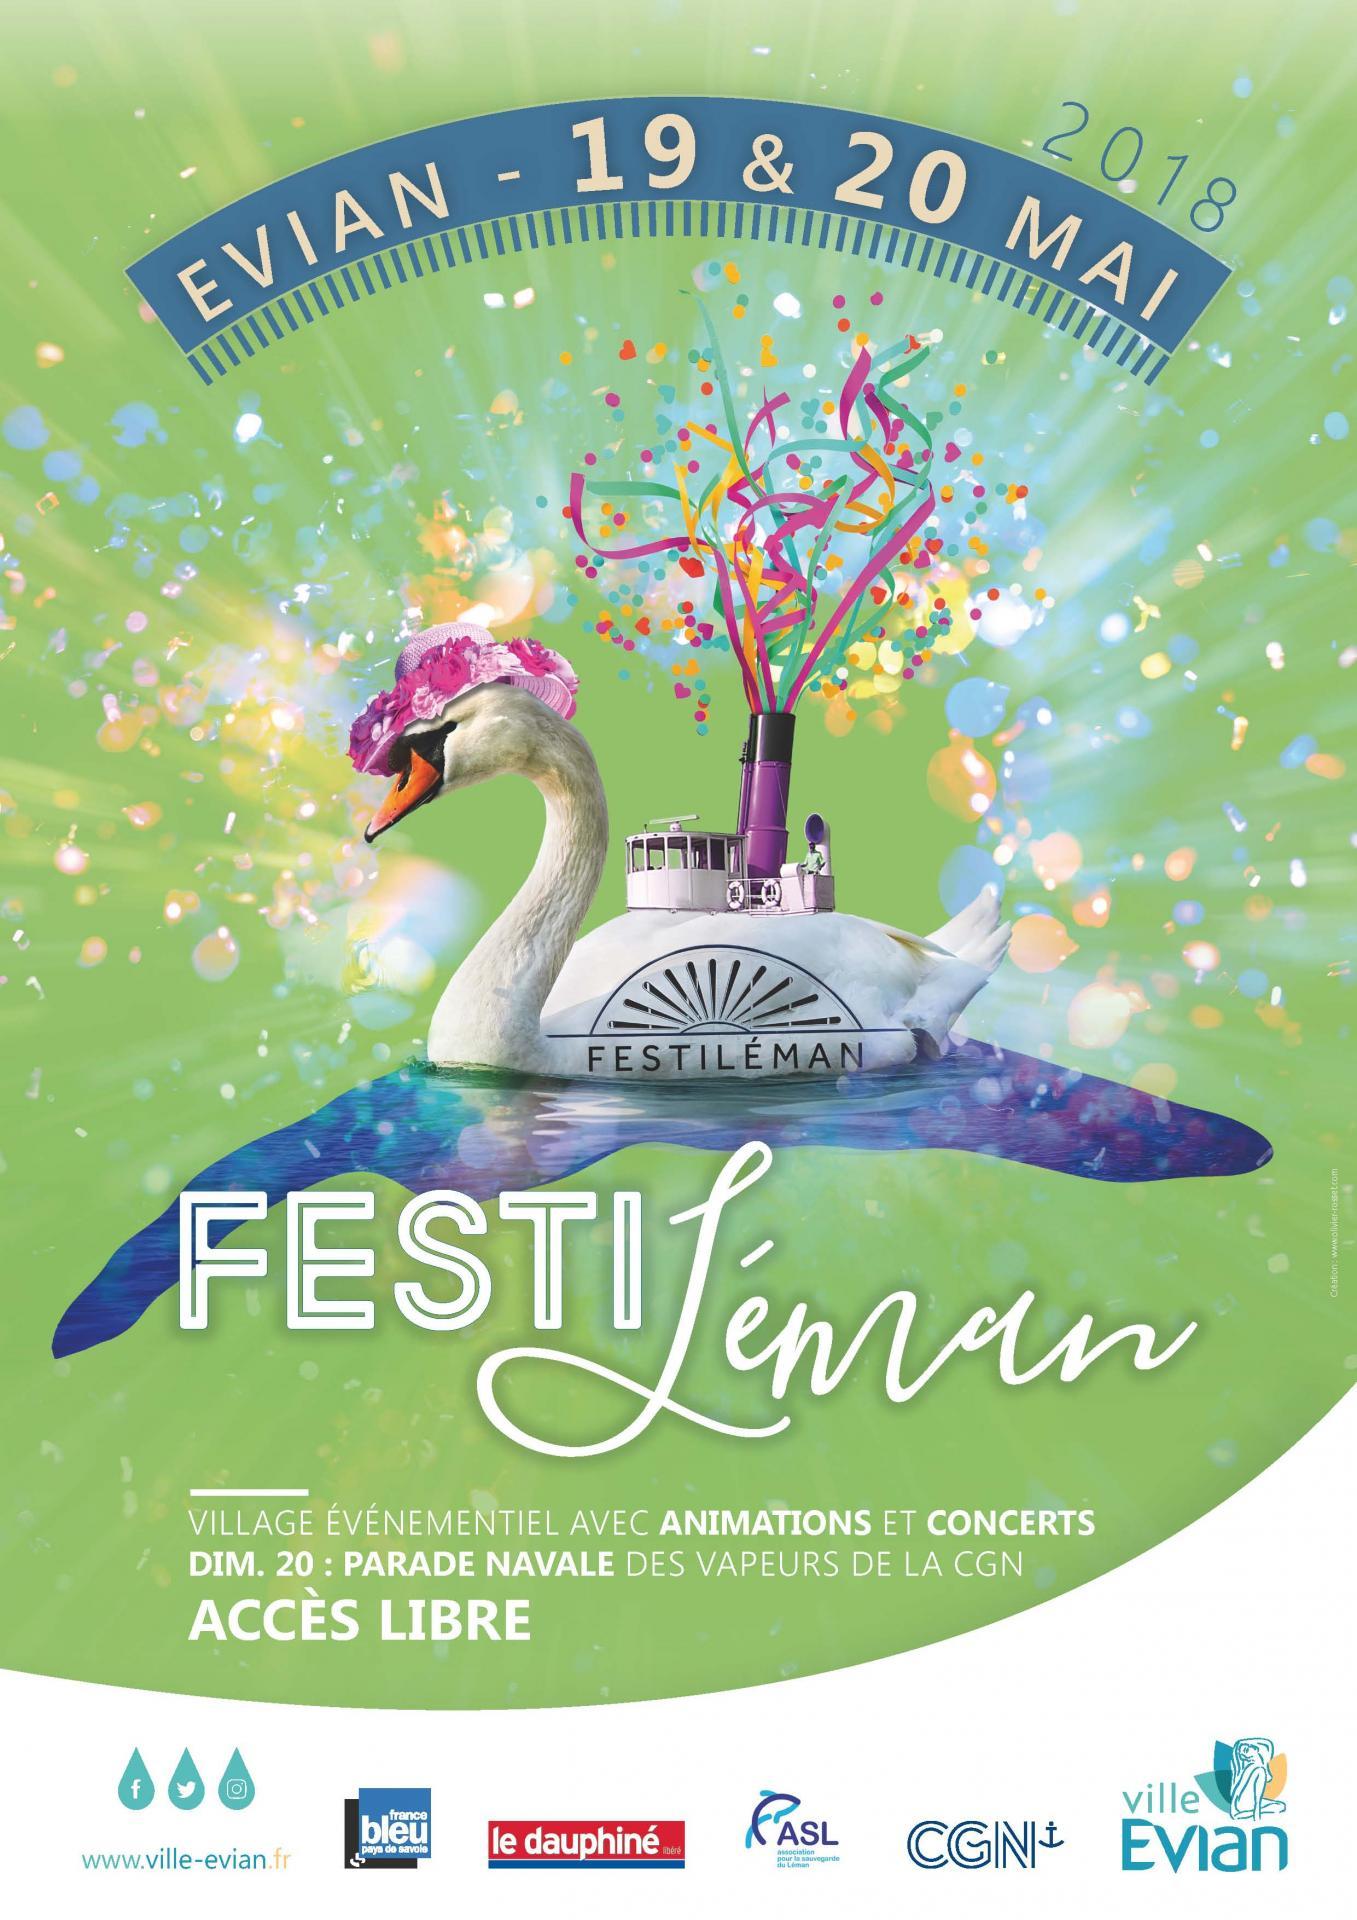 Evian festileman2018 affiche